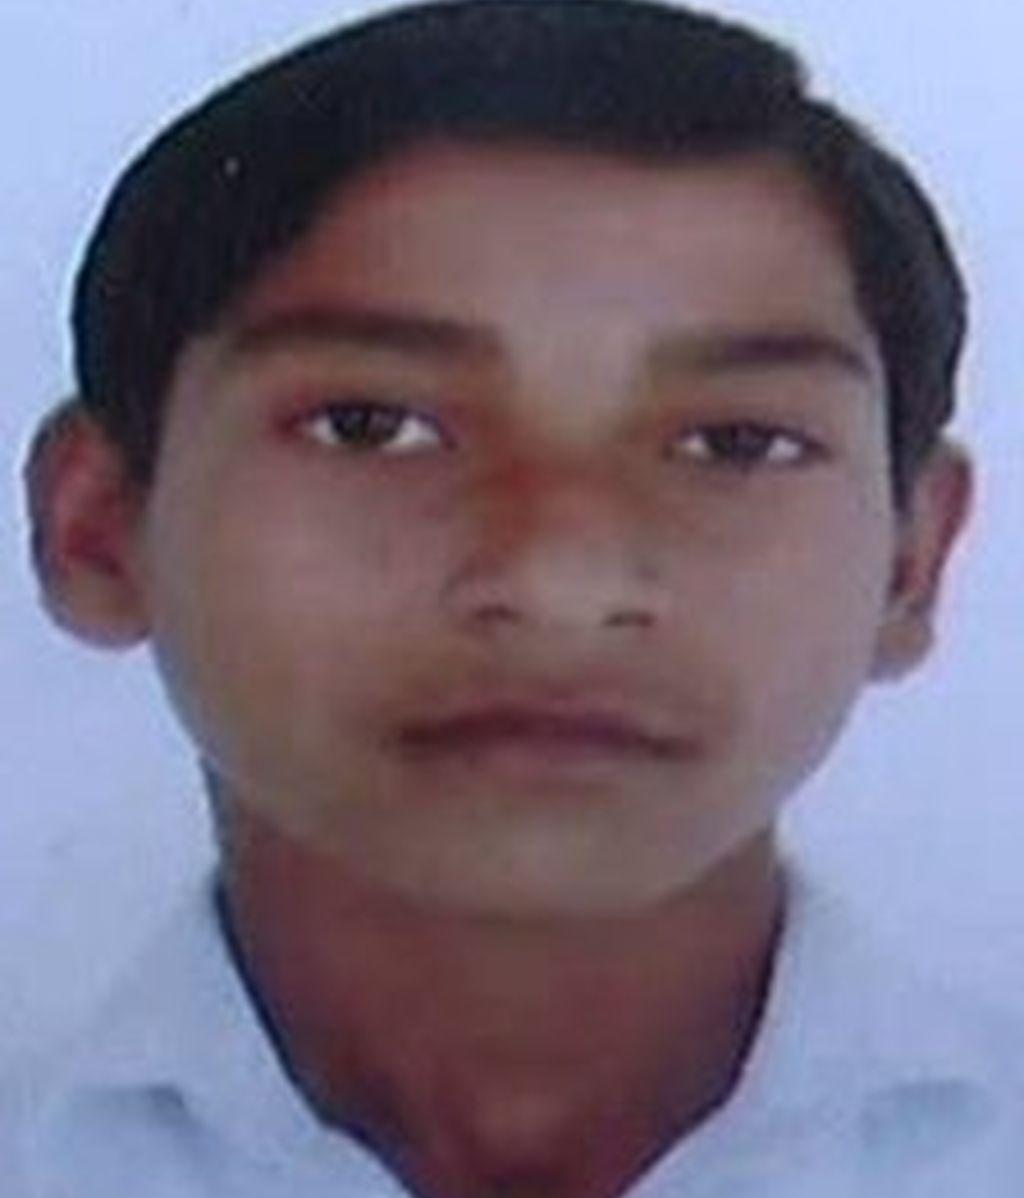 El niño de 14 años fue asesinado porque se llamaba como los miembros de una casta superior